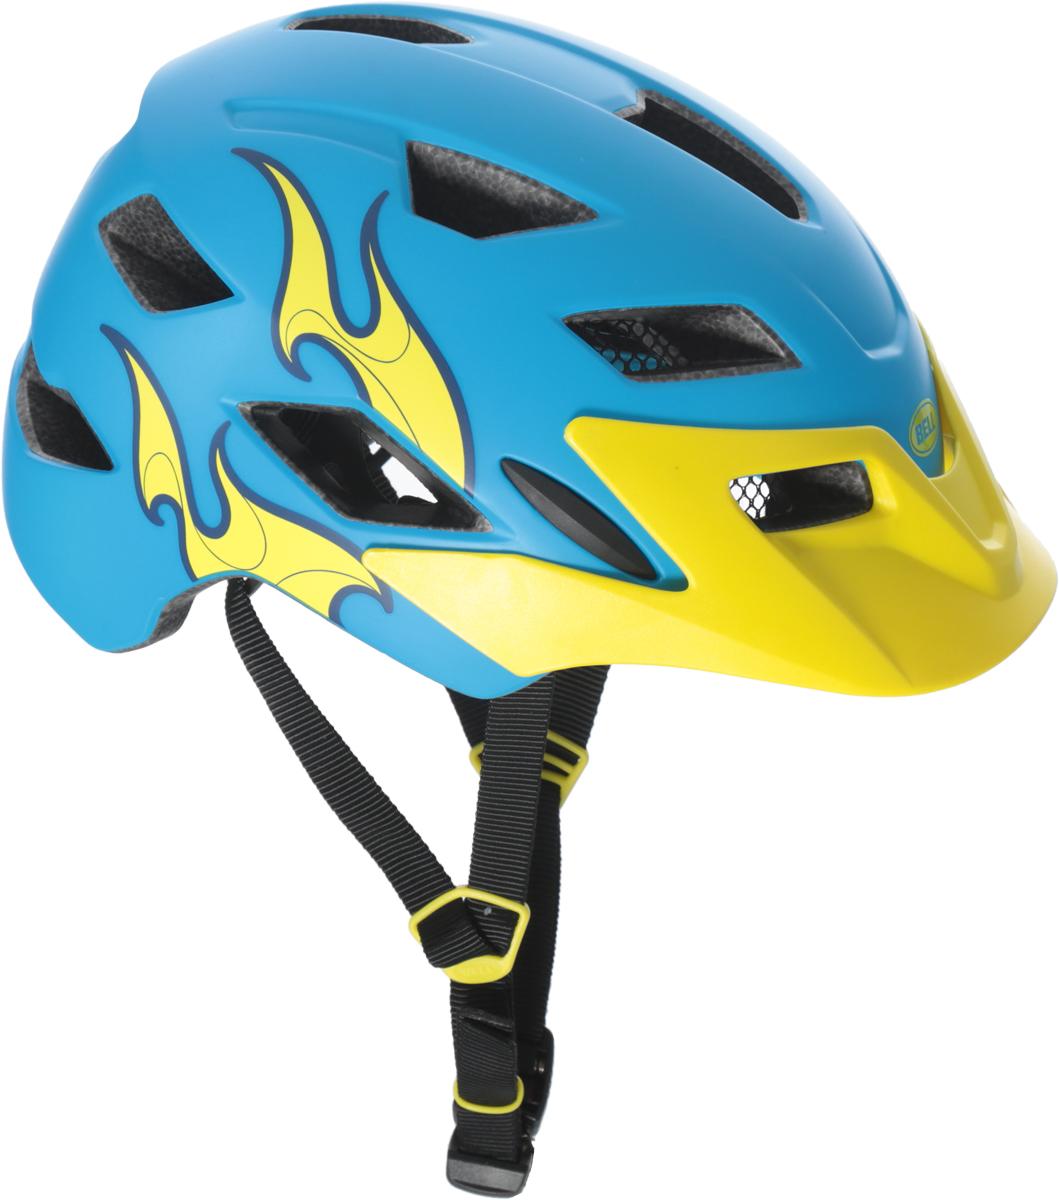 Шлем защитный детский Bell 17 Sidetrack, цвет: голубой, желтый. Размер CH